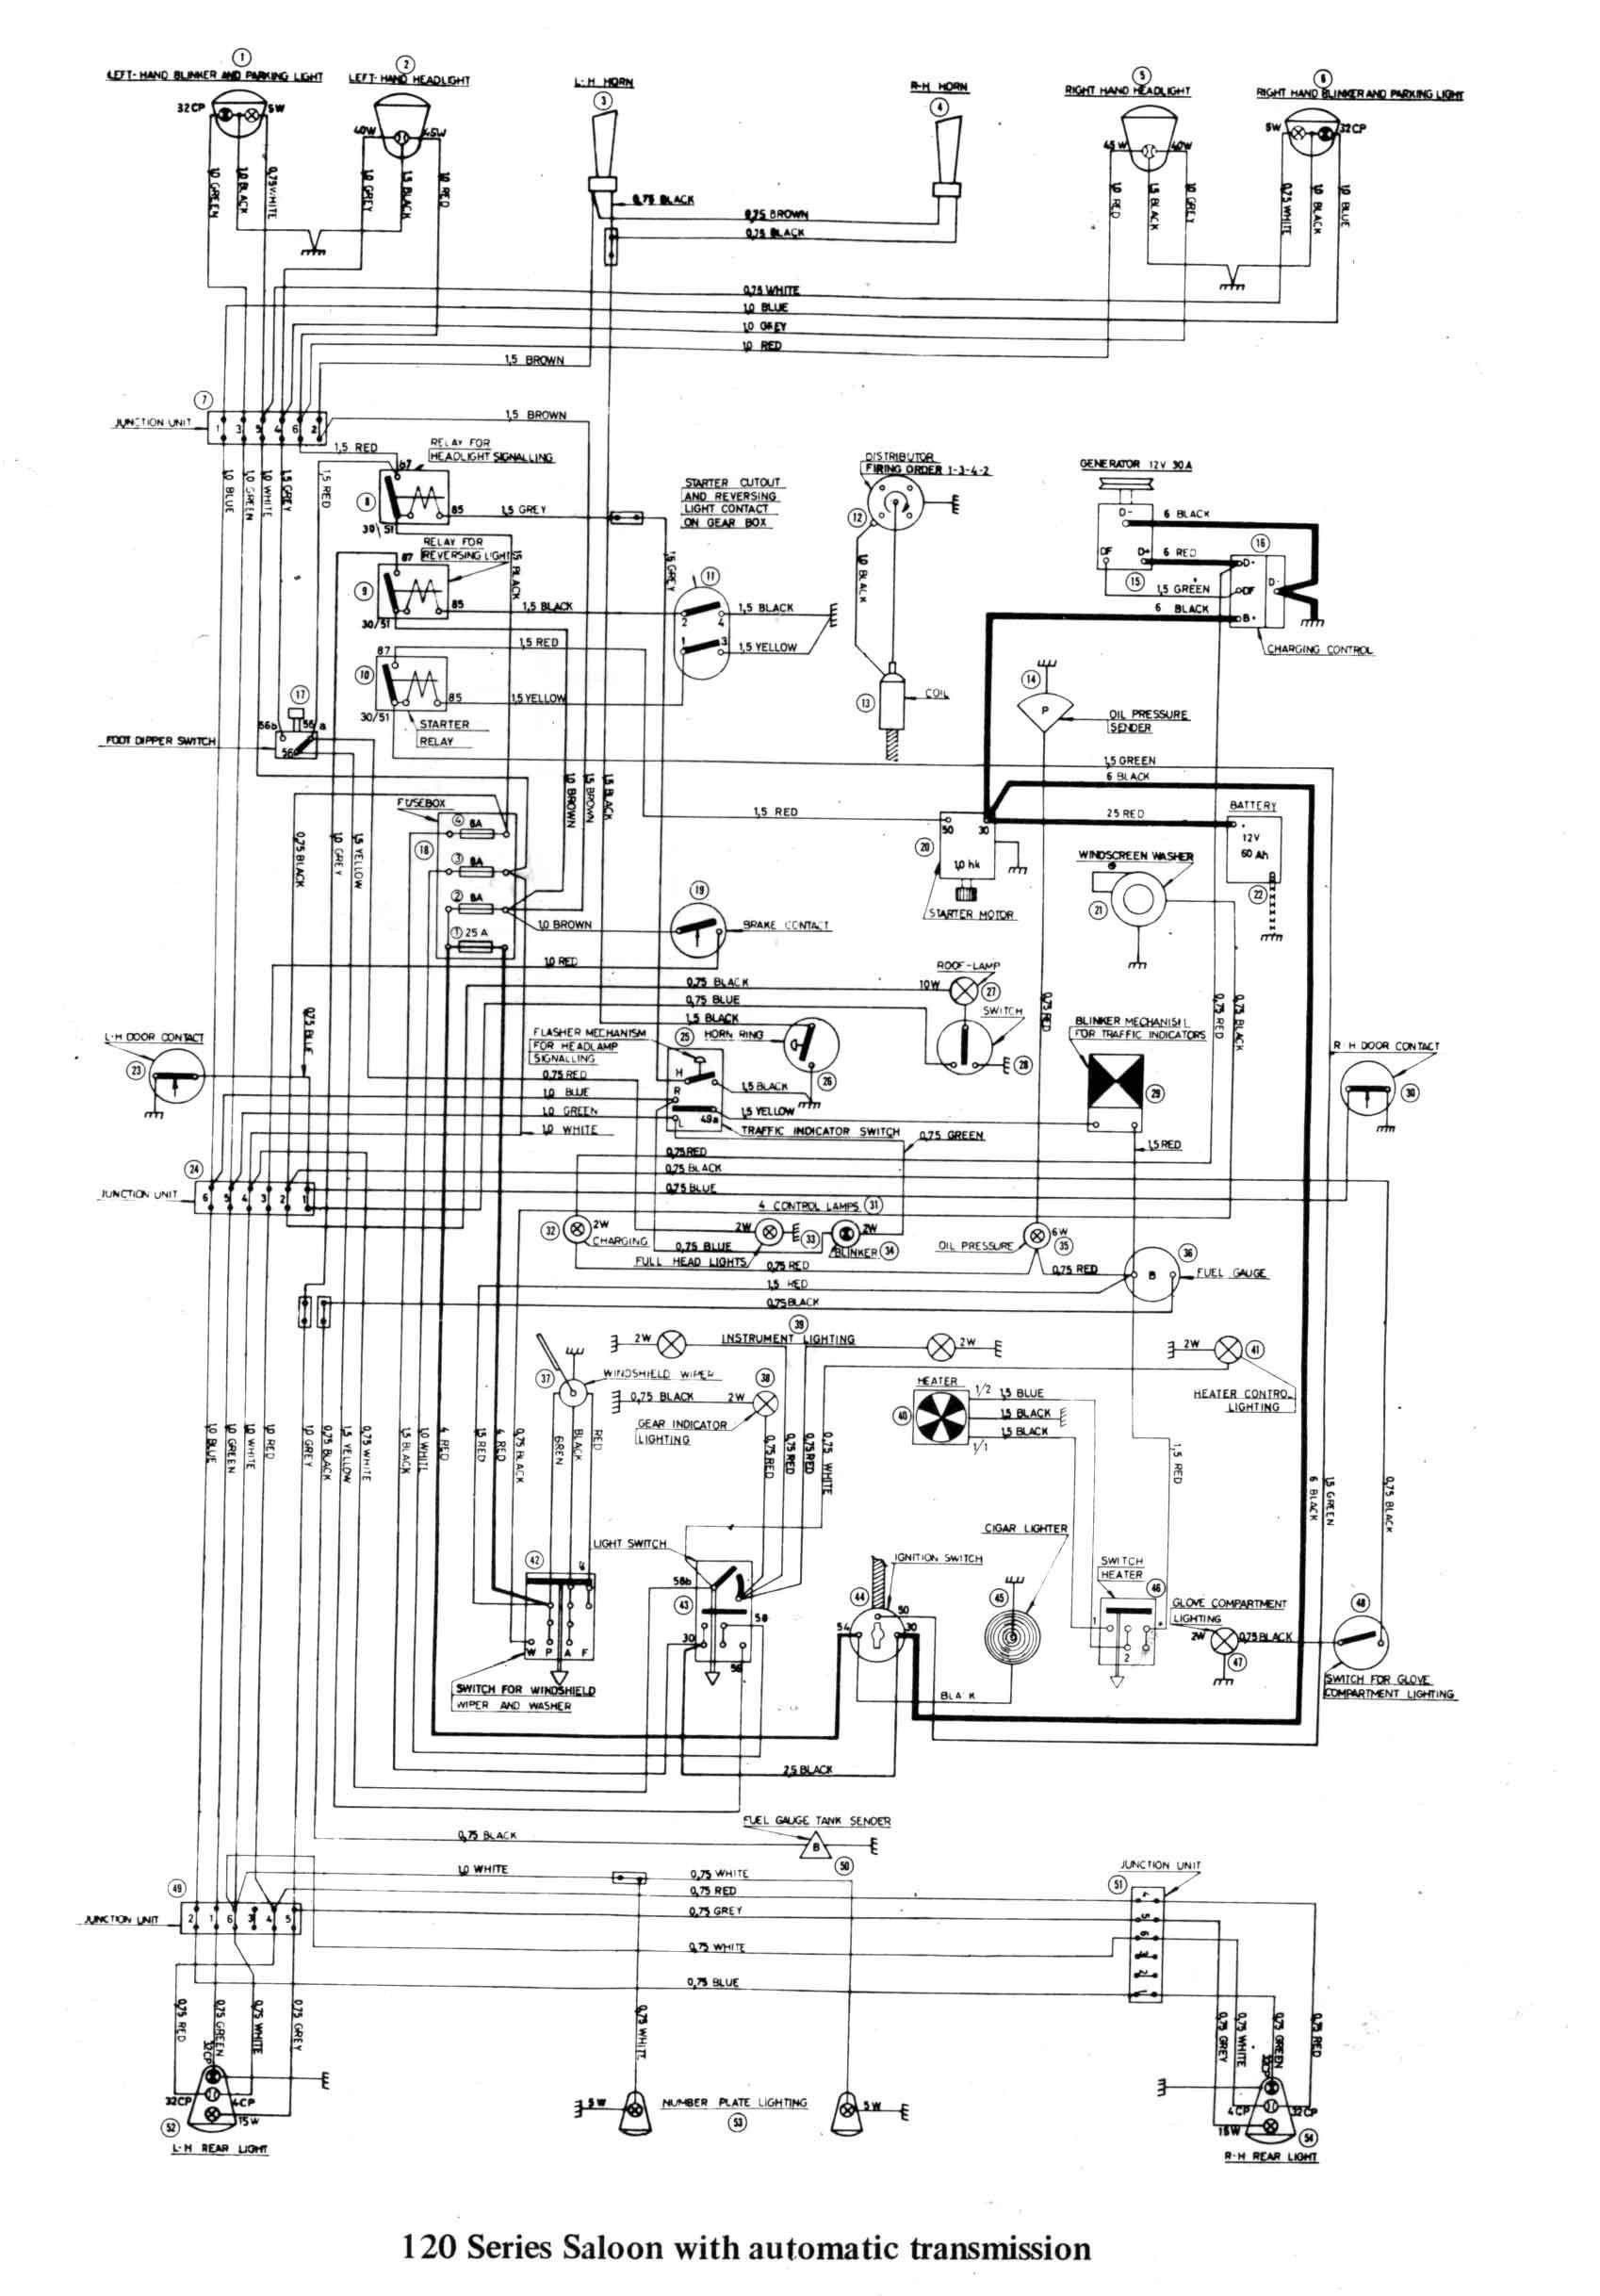 Bus Air Brake System Diagram Volvo Brake Schematics Wire Center • Of Bus Air Brake System Diagram